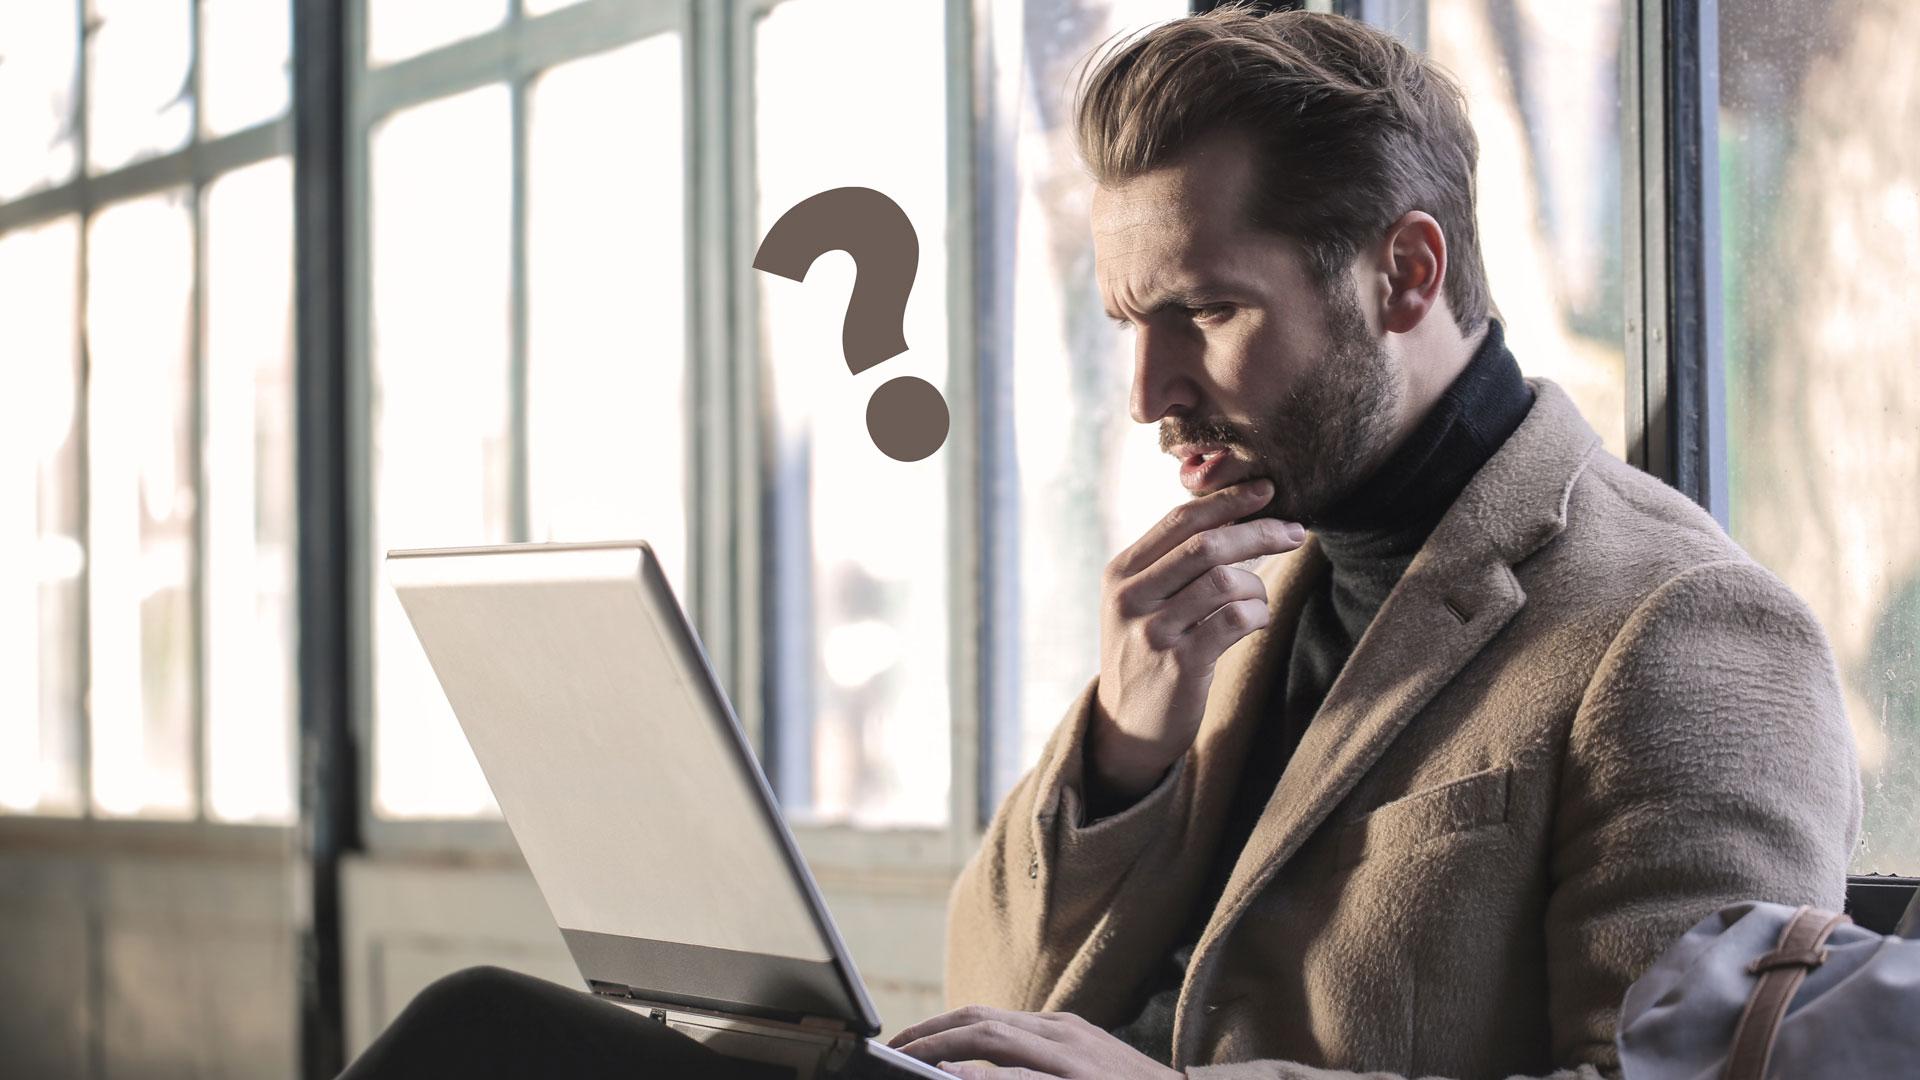 Mann starrt verwirrt auf einen Laptop